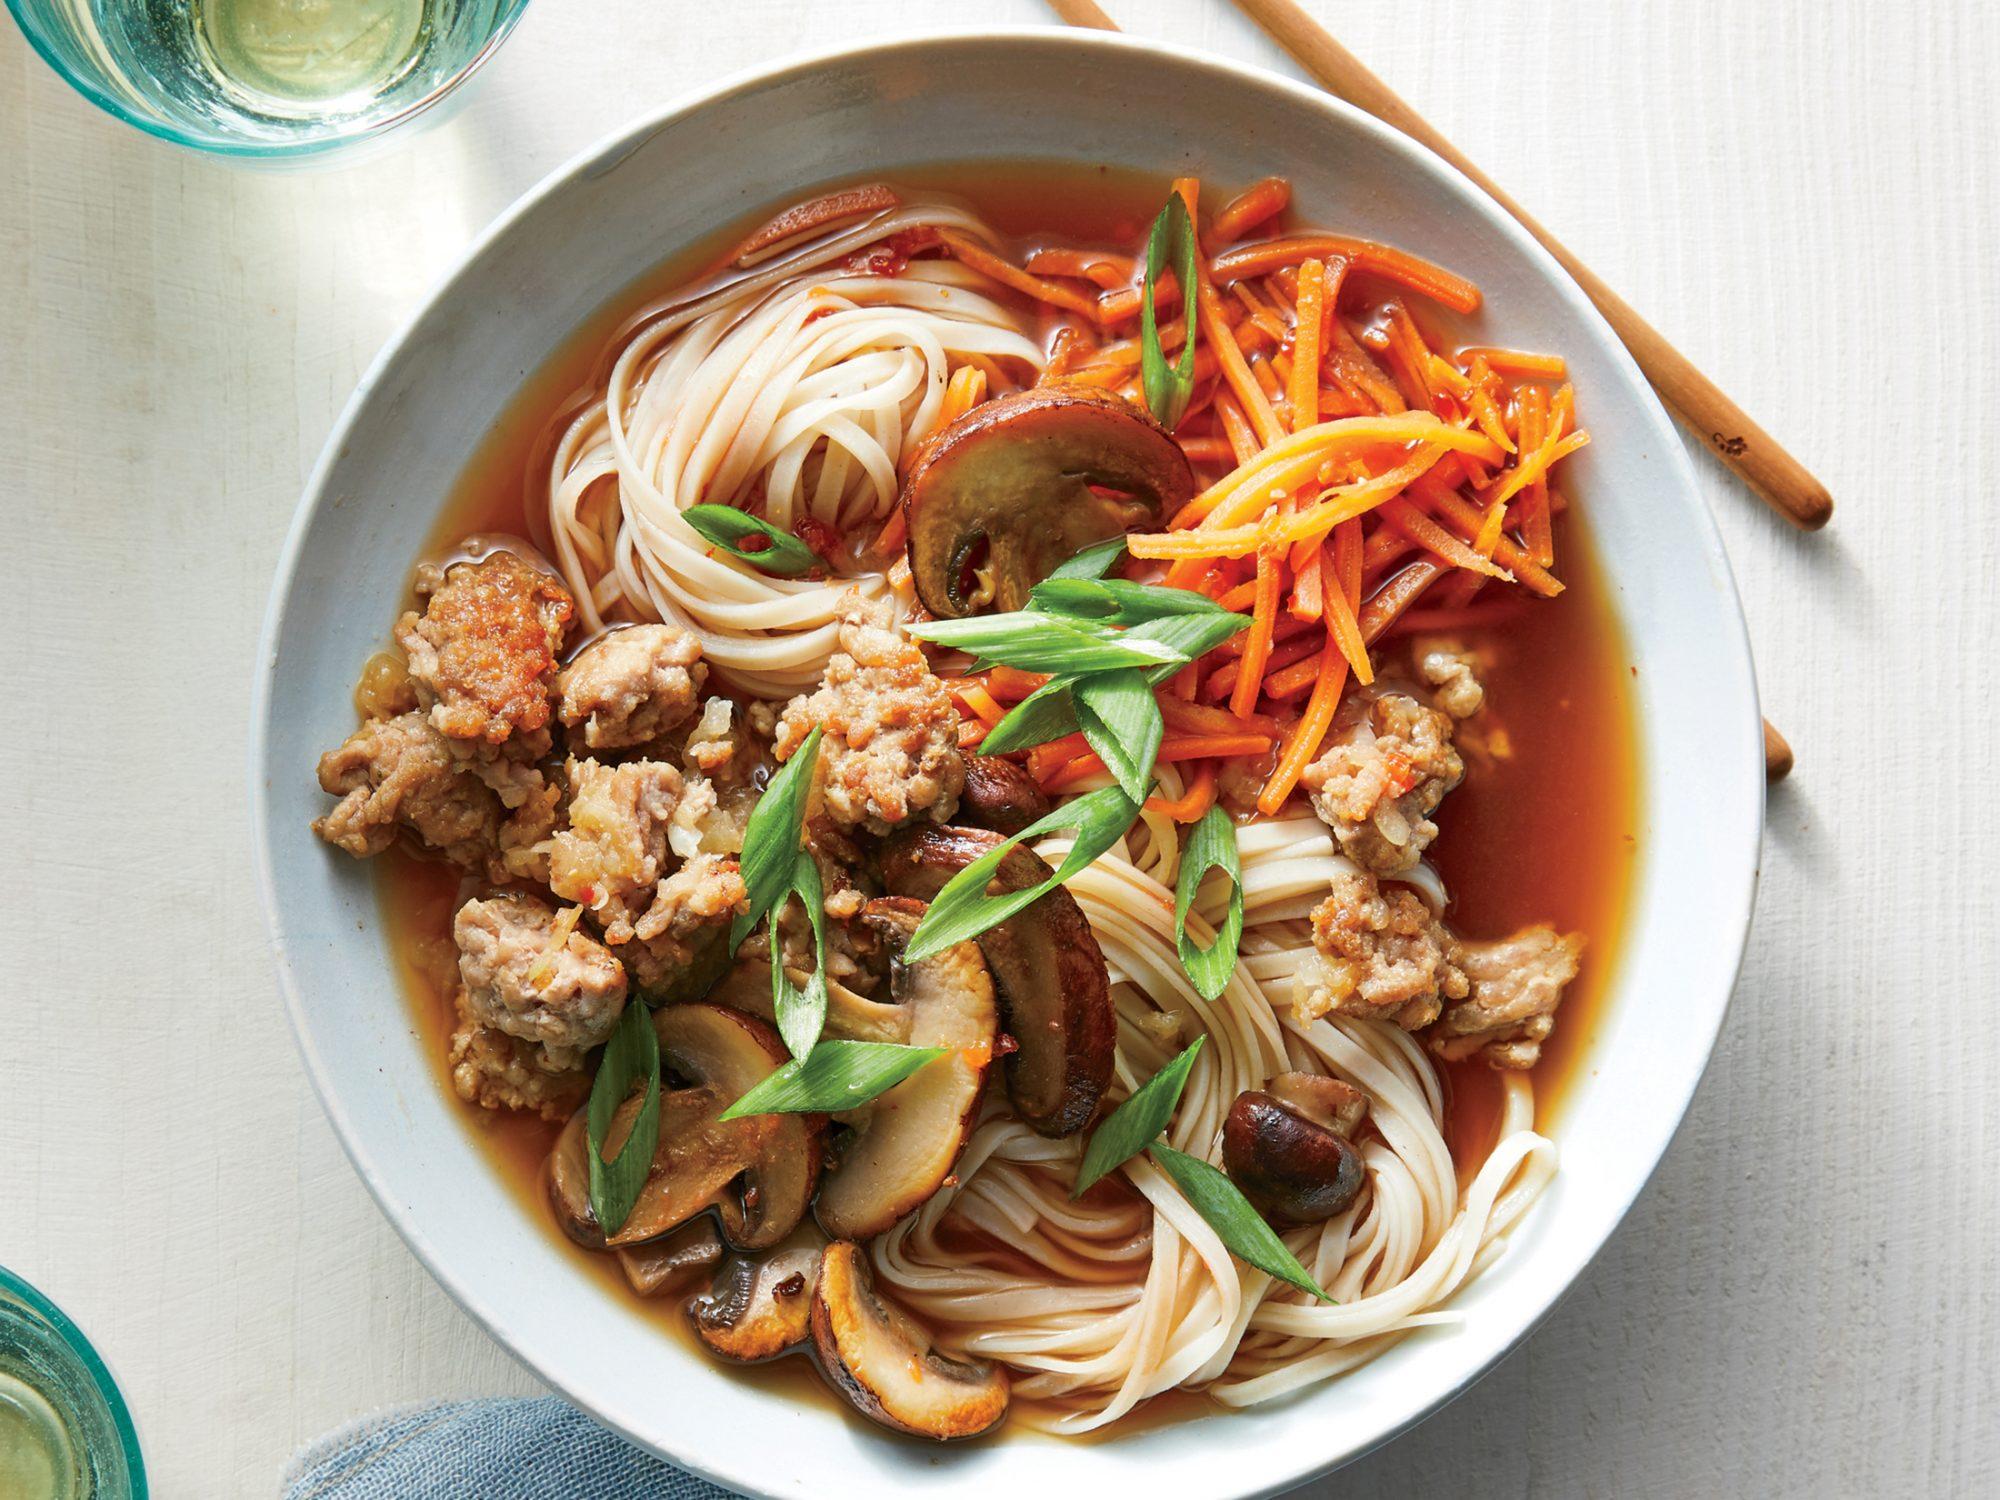 Garlic-Miso Pork Noodle Bowl